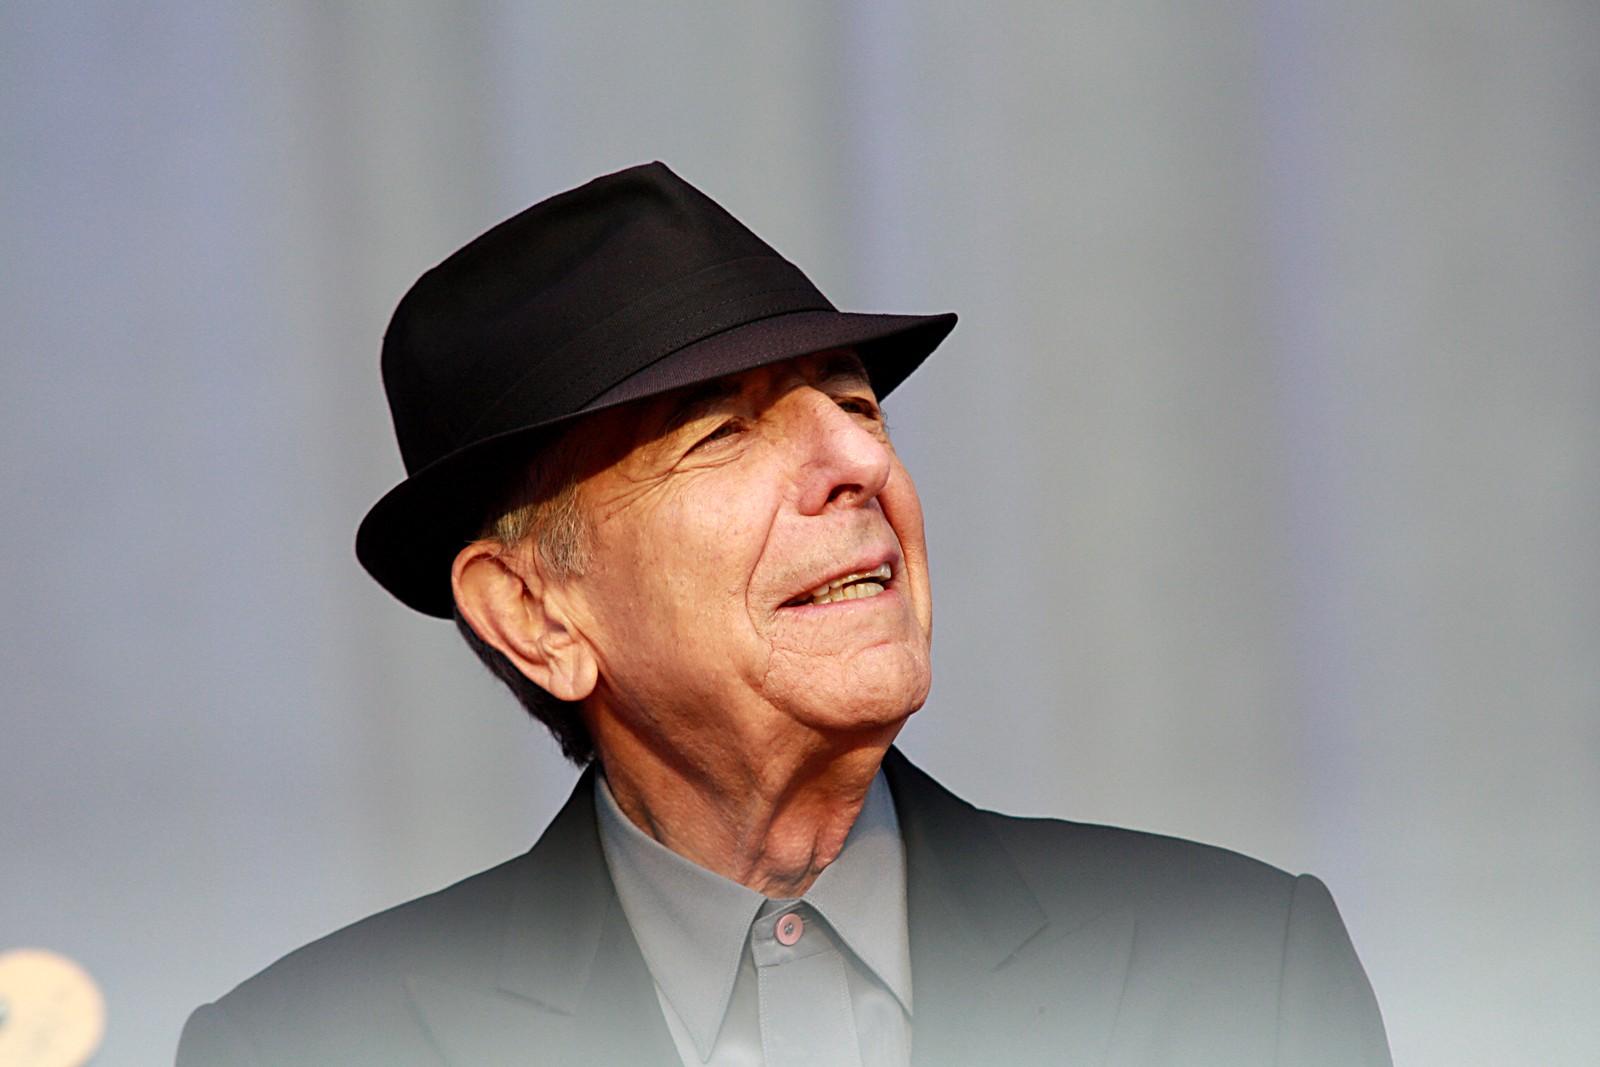 LANG KARRIERE: I løpet av sine 50 år som musiker gav Cohen ut 14 album.